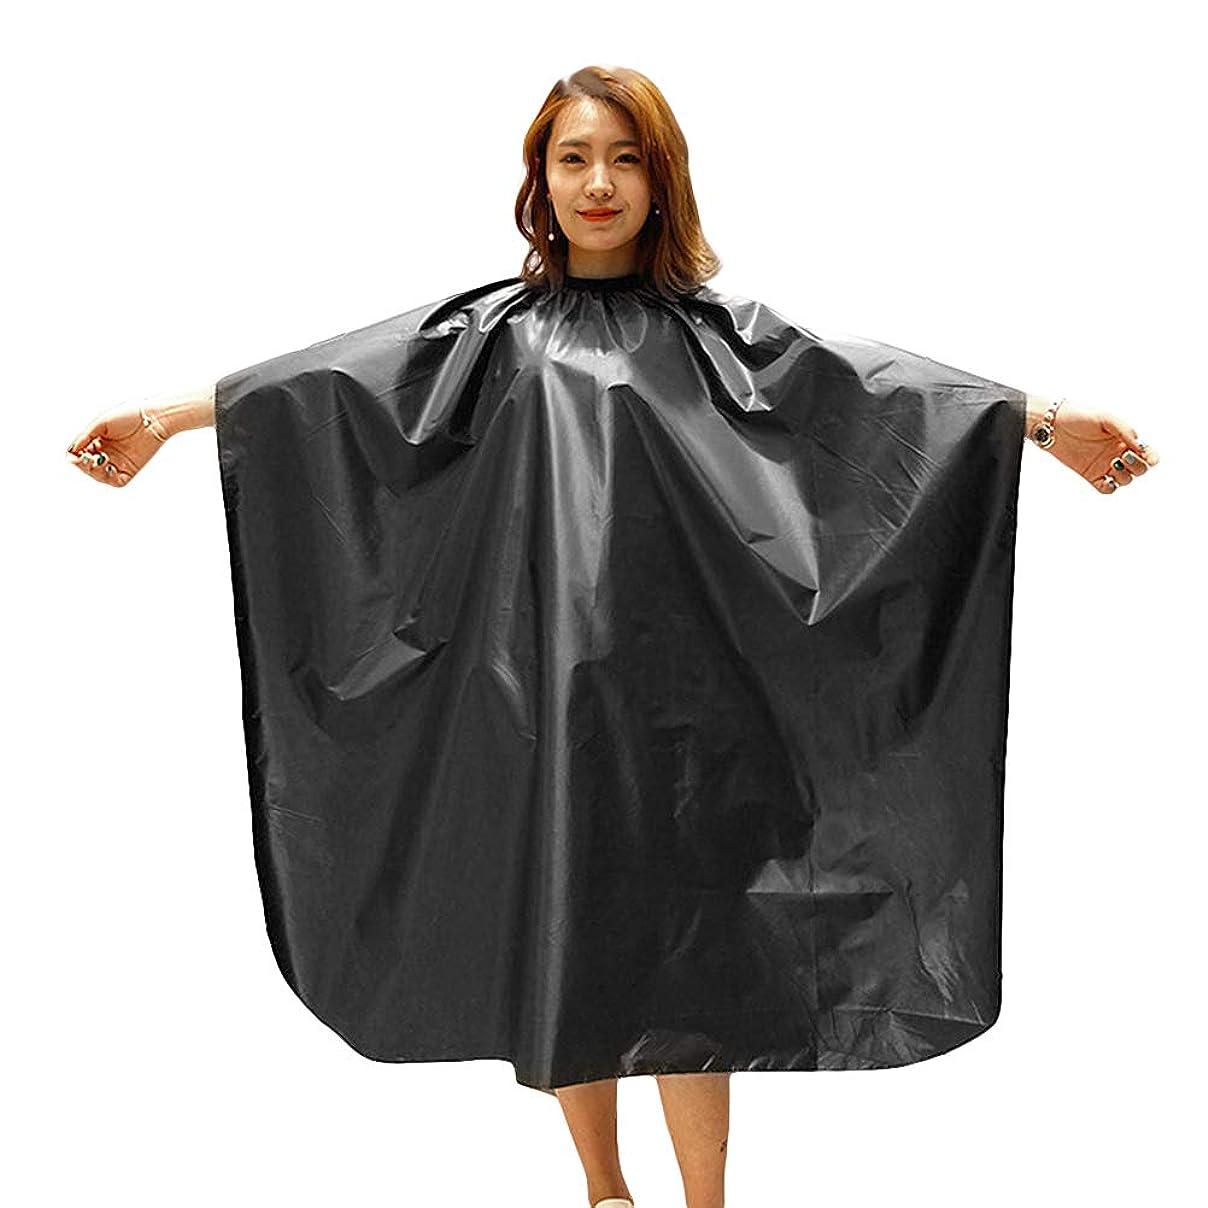 内向き贅沢なまたLURROSE サロンのクライアントのための防水布散髪ケープヘアーカットマント理容岬ヘアカットガウン(ブラック)